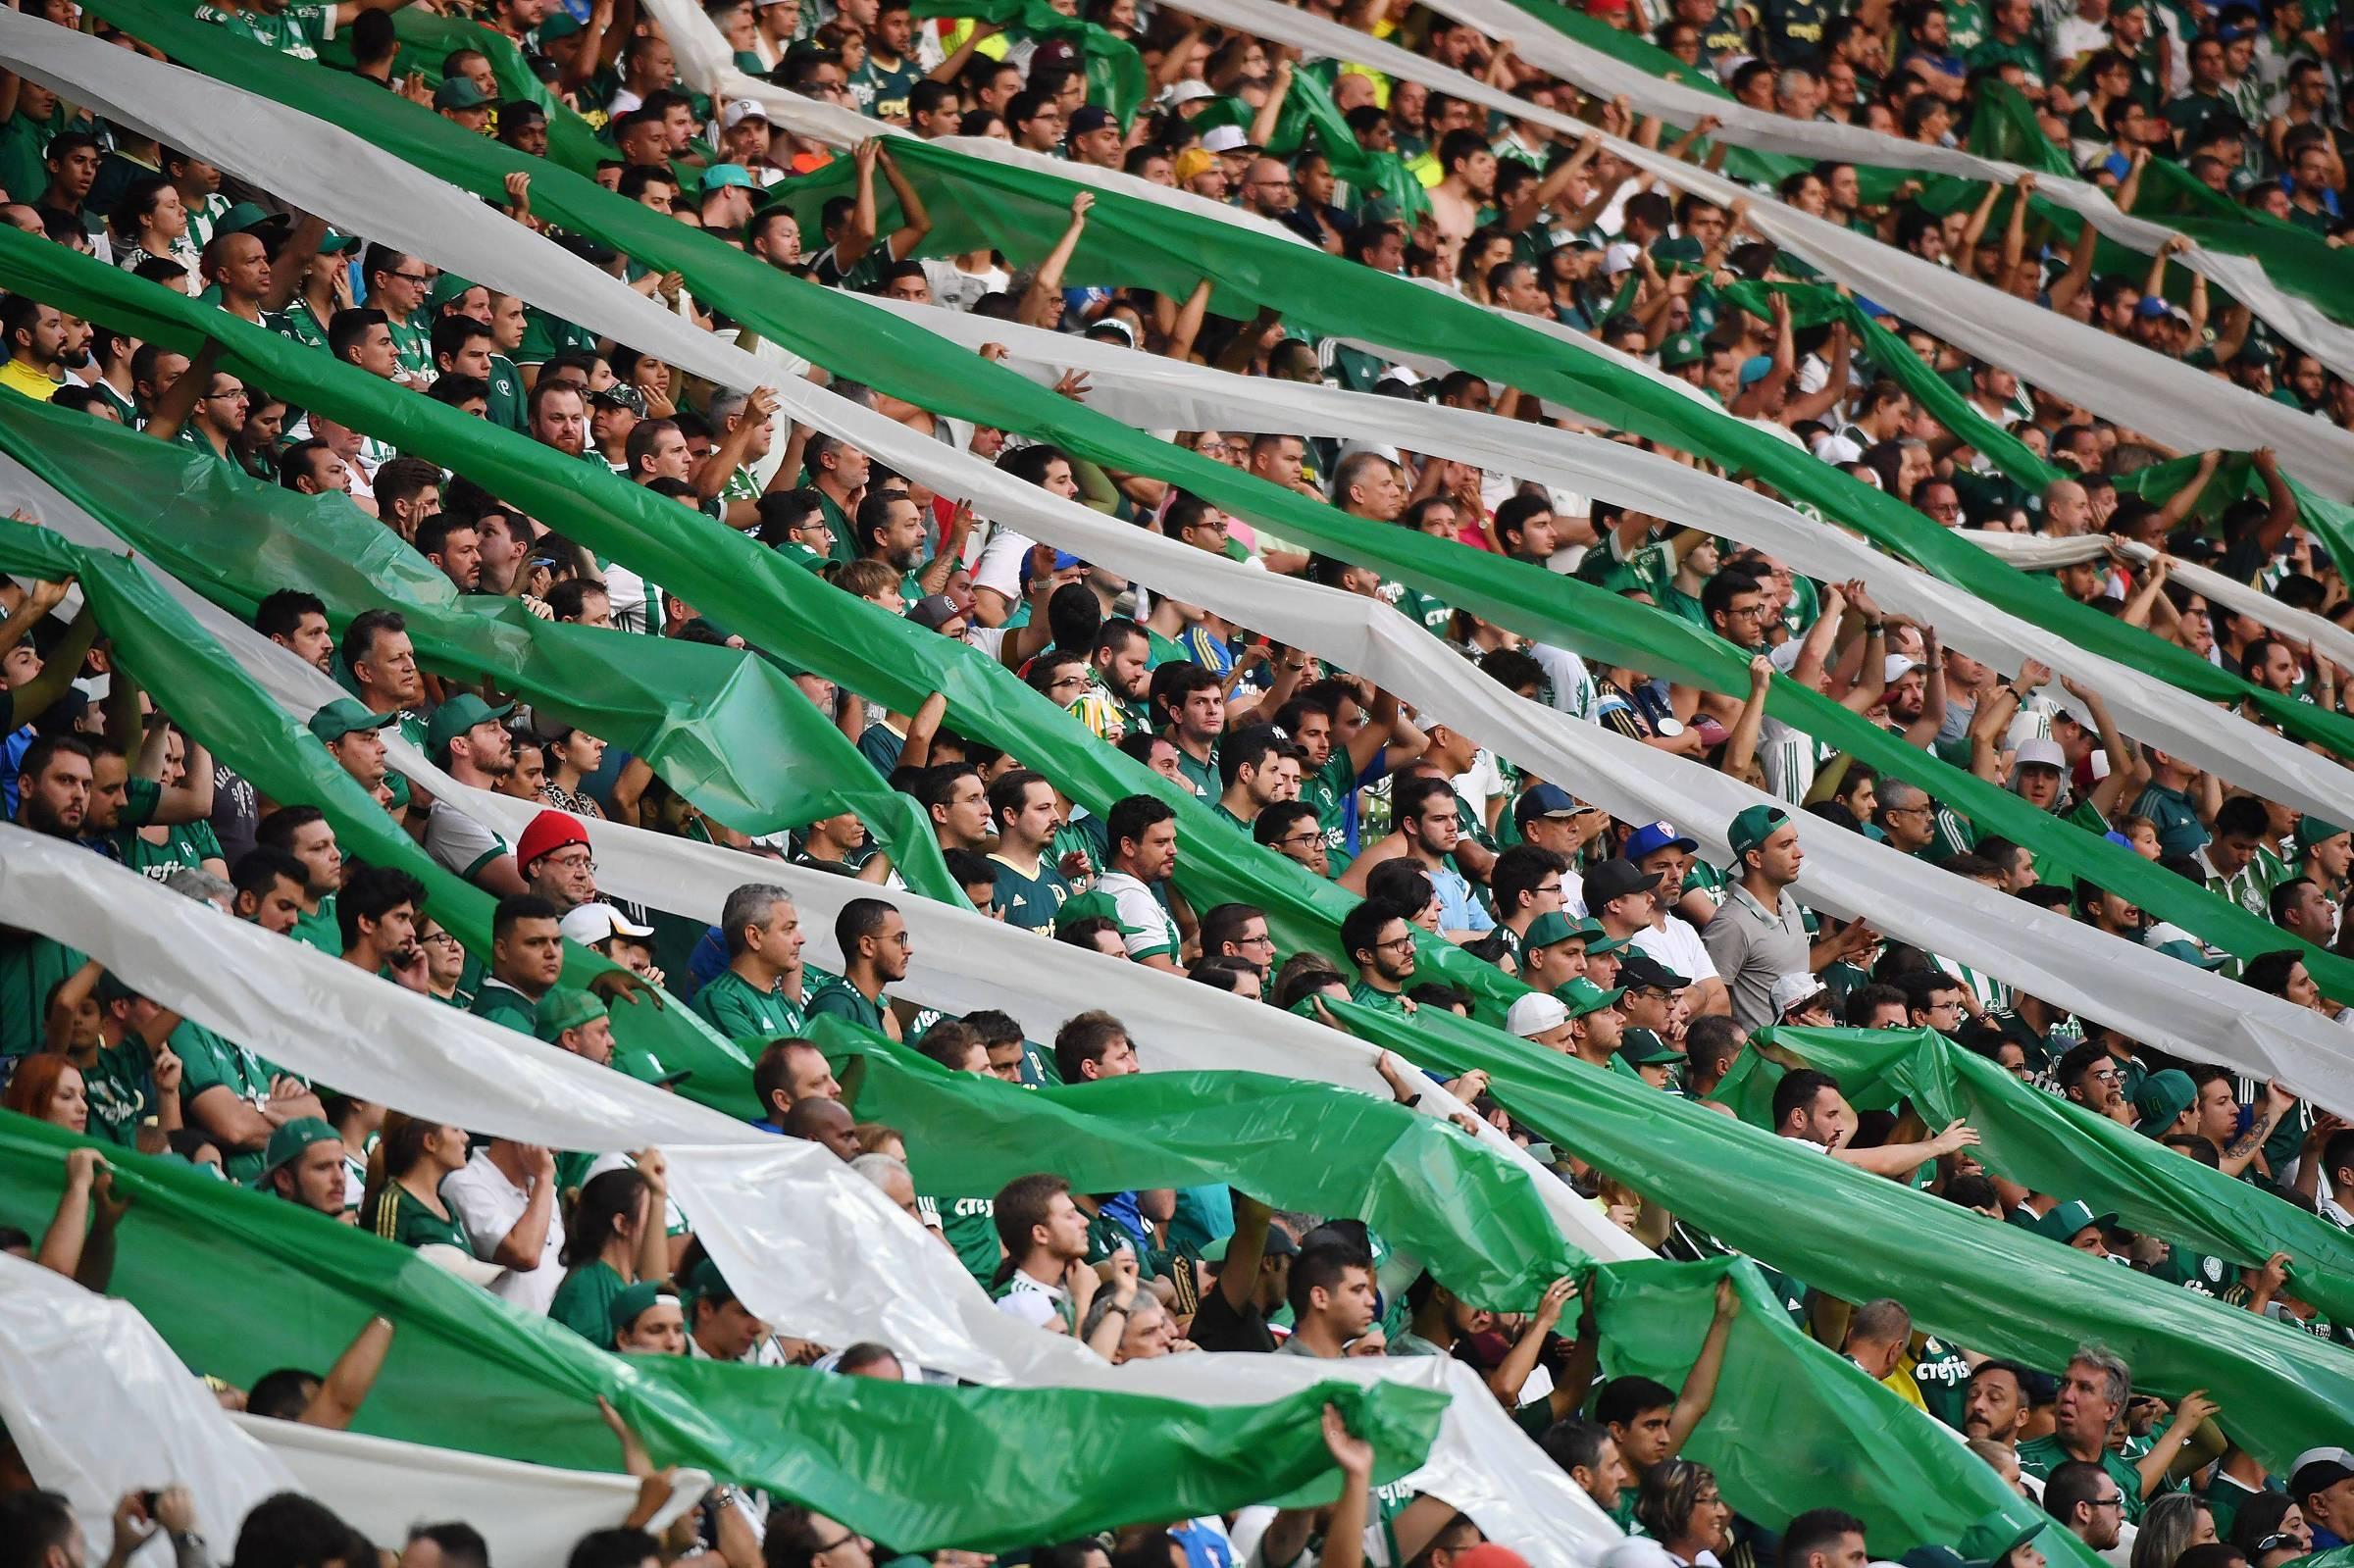 Palmeiras gasta R  23 milhões por fim de ações de ex-atletas e parceiros -  11 08 2018 - Esporte - Folha 1f3c52045eac7